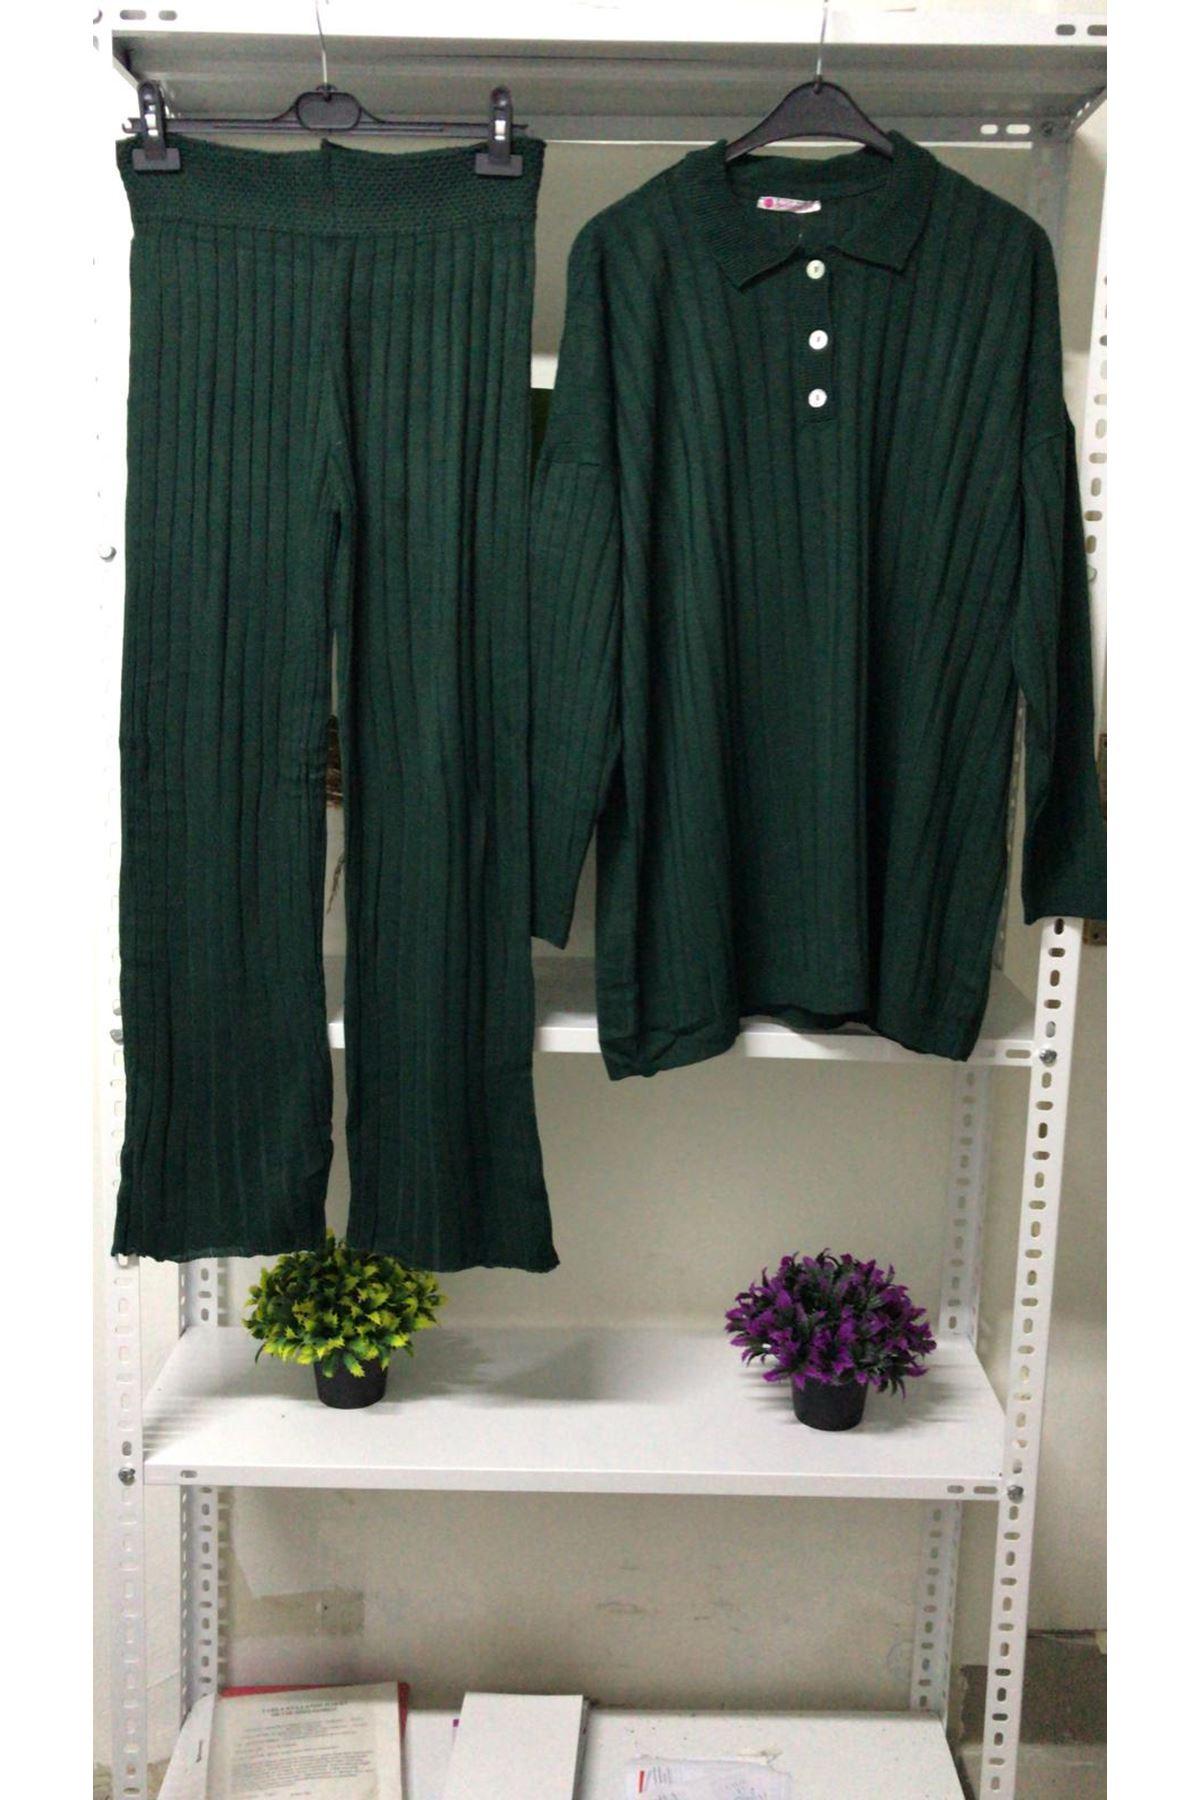 Fitilli Triko İkili Takım - yeşil